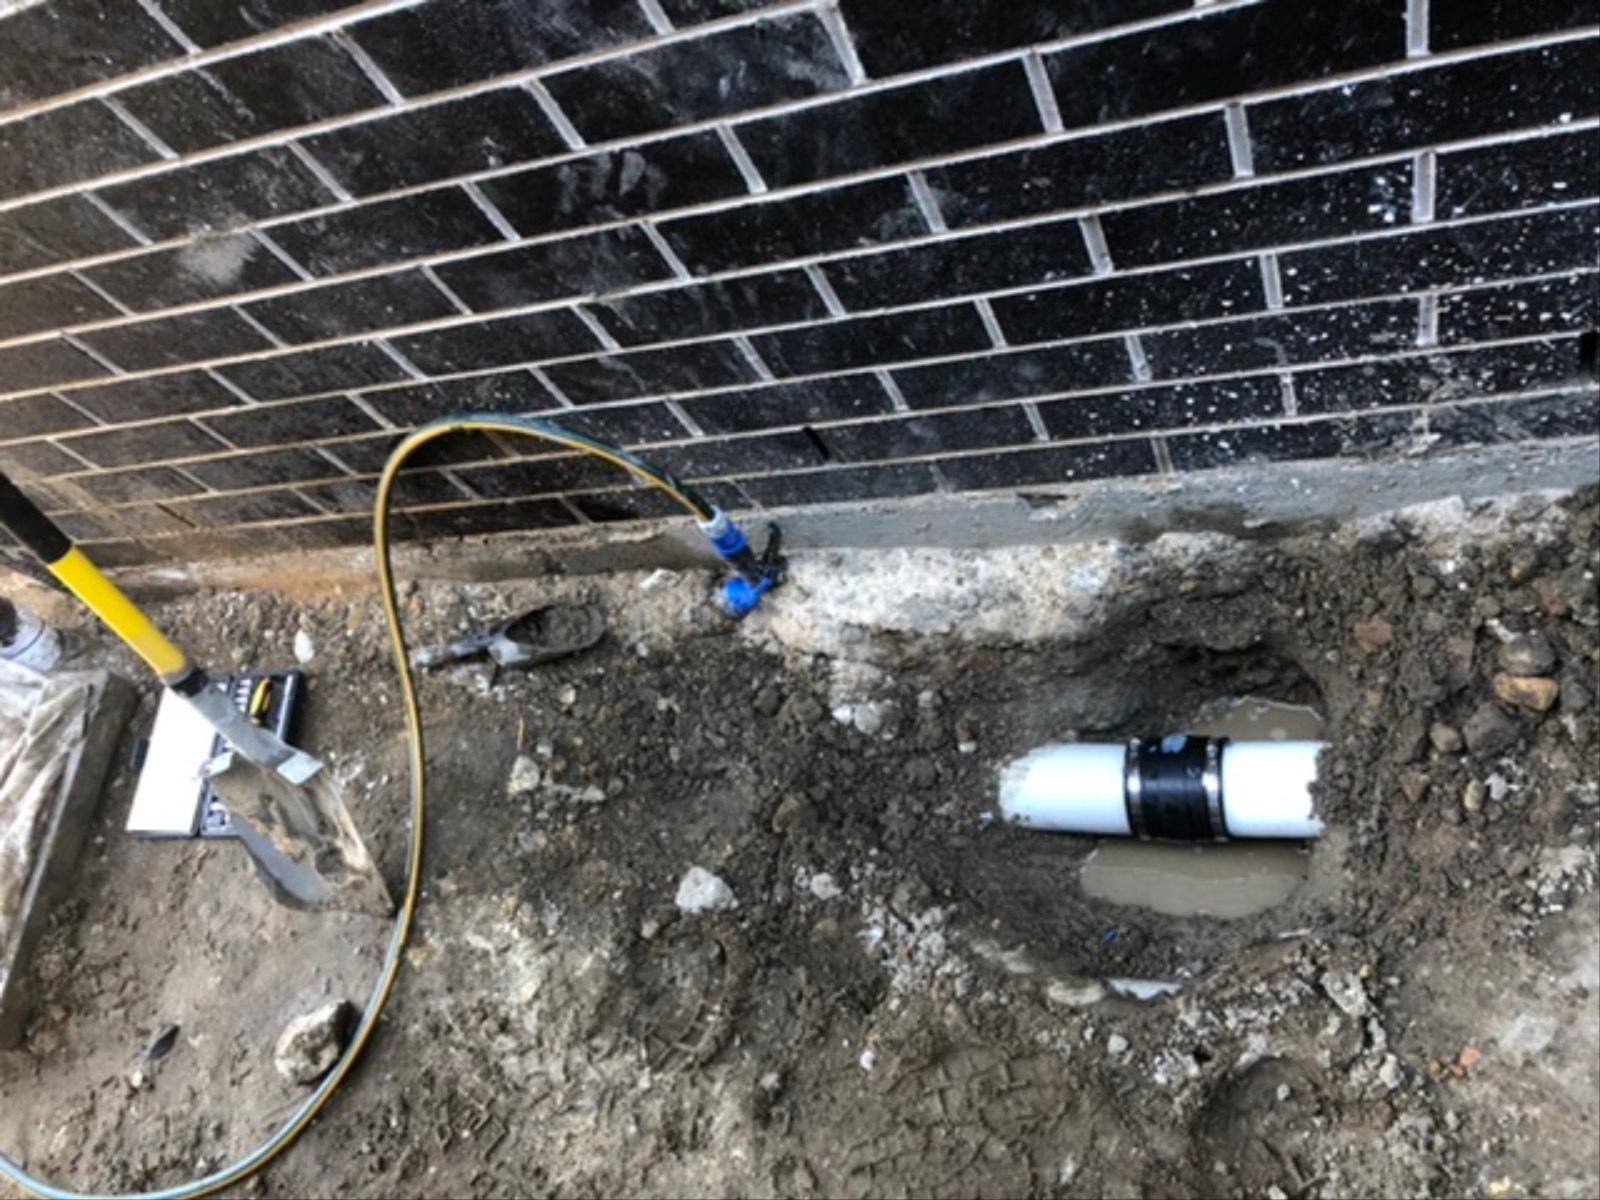 Stormwater pipe repair before concreting